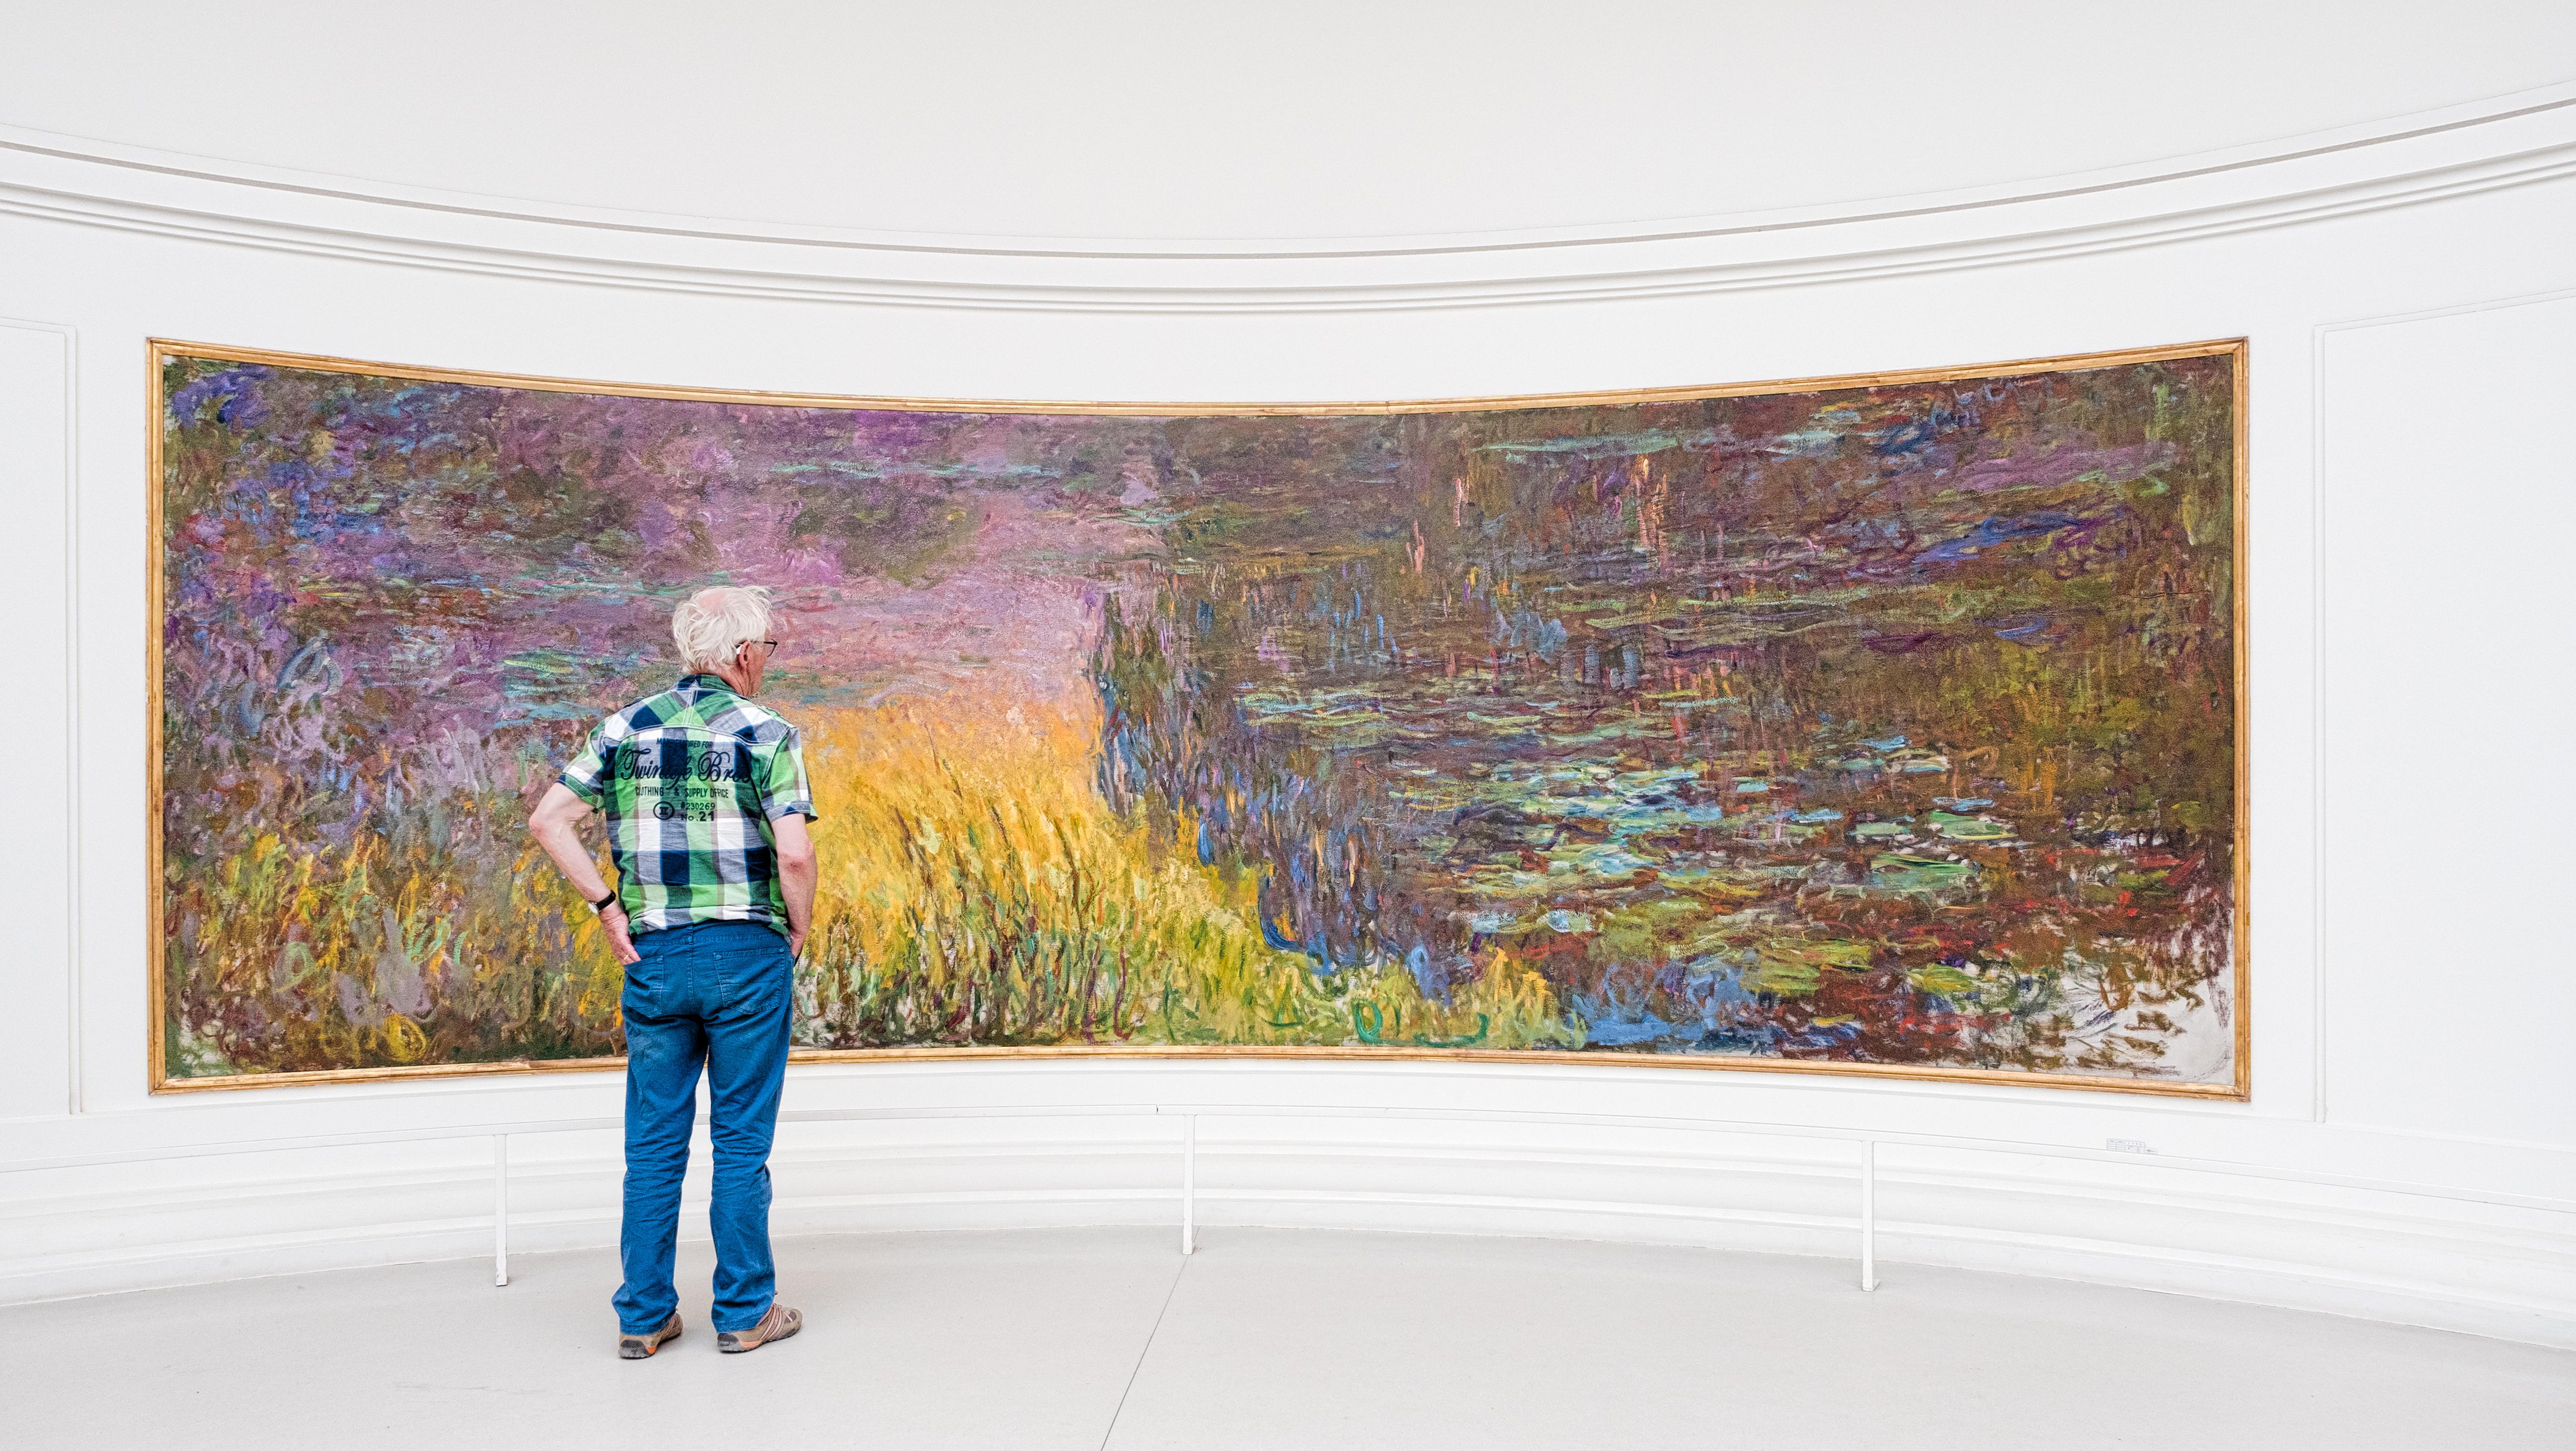 Touriste regardant les Nymphéas au musée de l'Orangerie%252C Paris 2017. Van Biesen - Ooshot - CRT Paris Ile-de-France